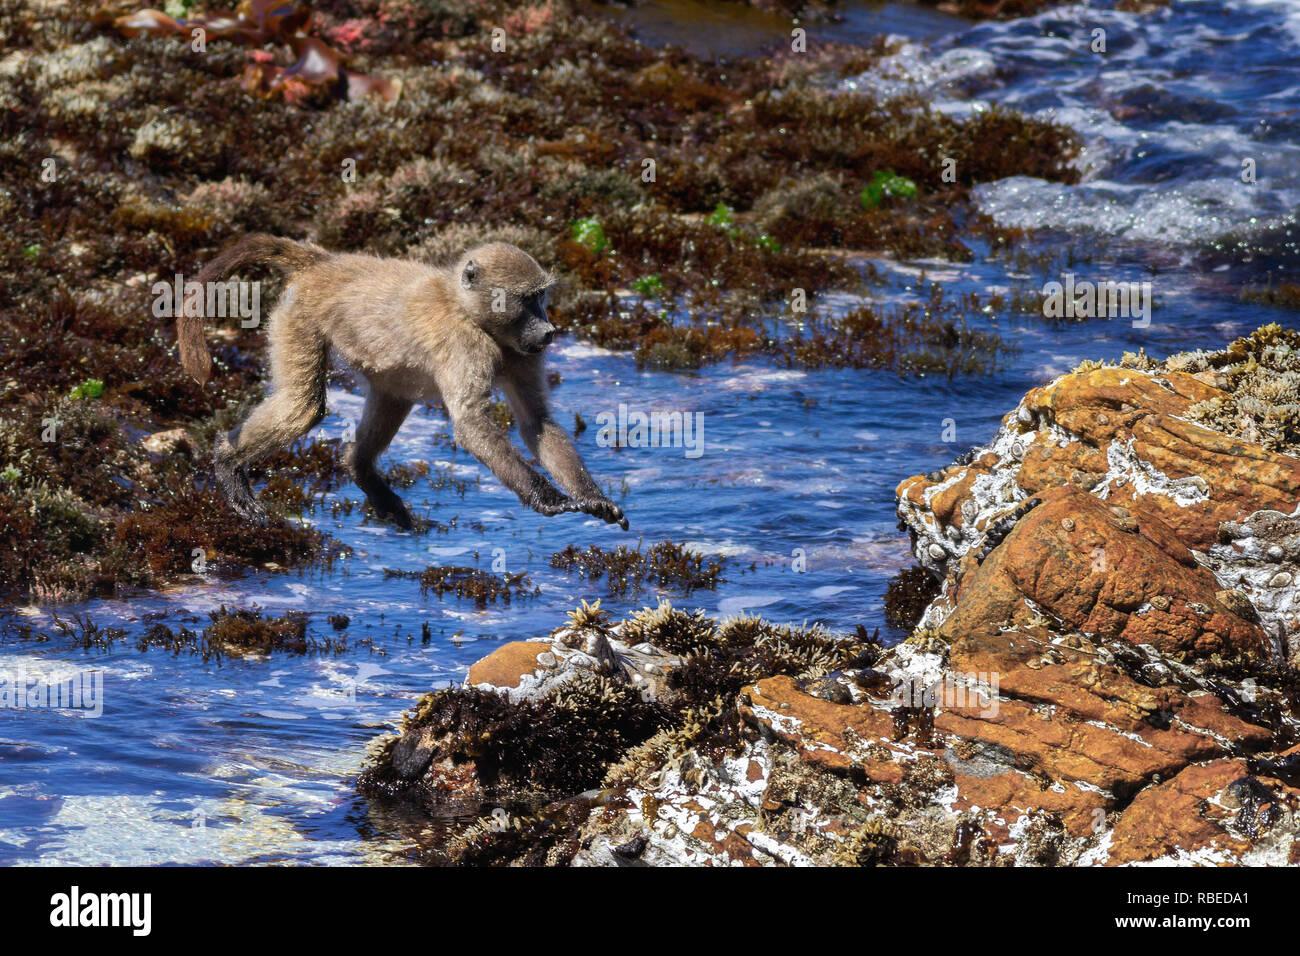 Serie von Aufnahmen mit einem Kap Paviane über eine Ausdehnung von Meer am Strand jumping, Kap, Südafrika Stockbild